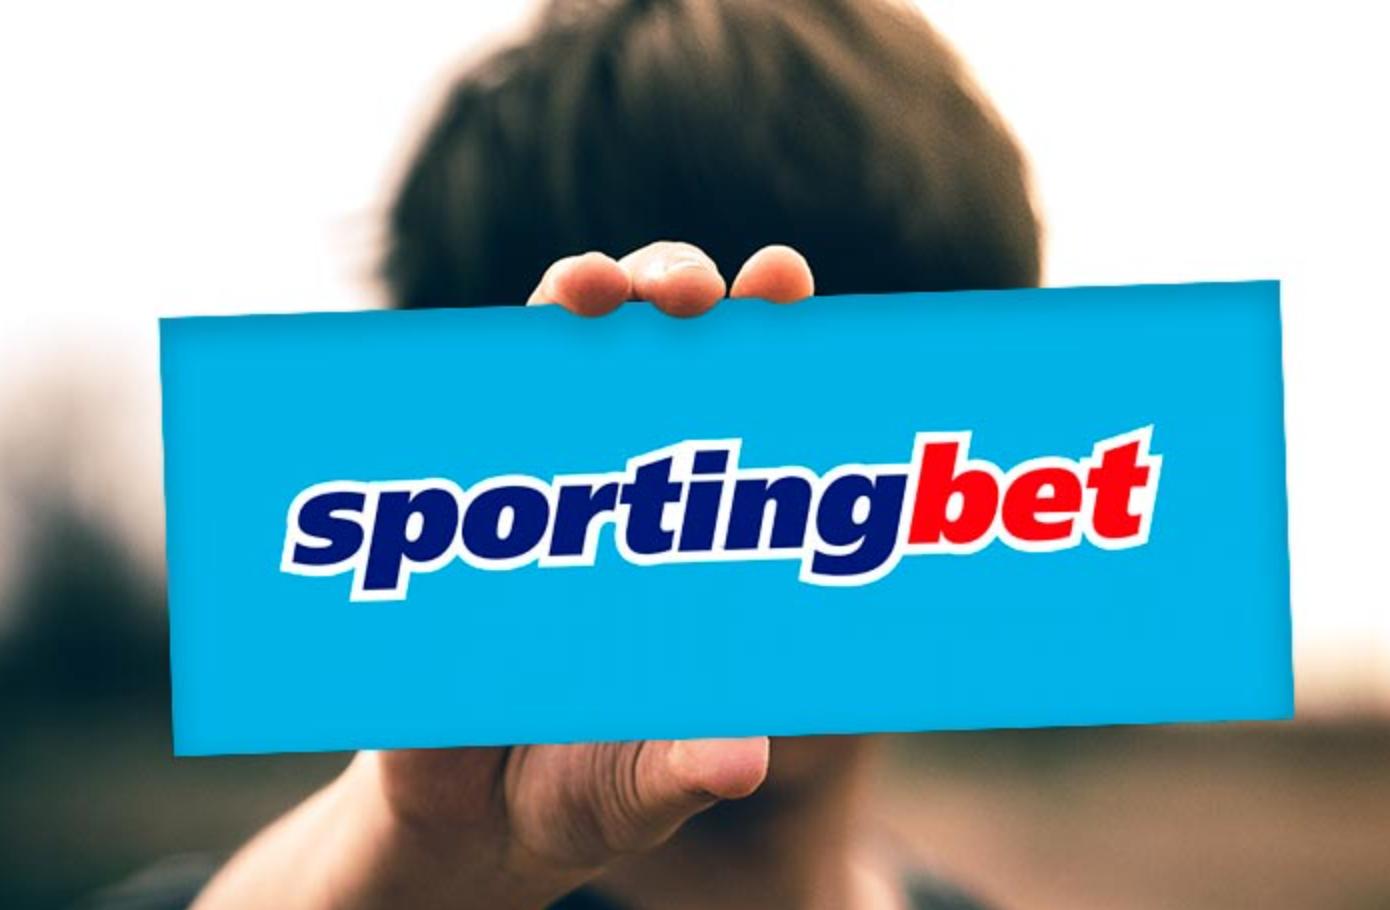 Como ganhar bonus sportingbet - Usando O Bónus De Apostas